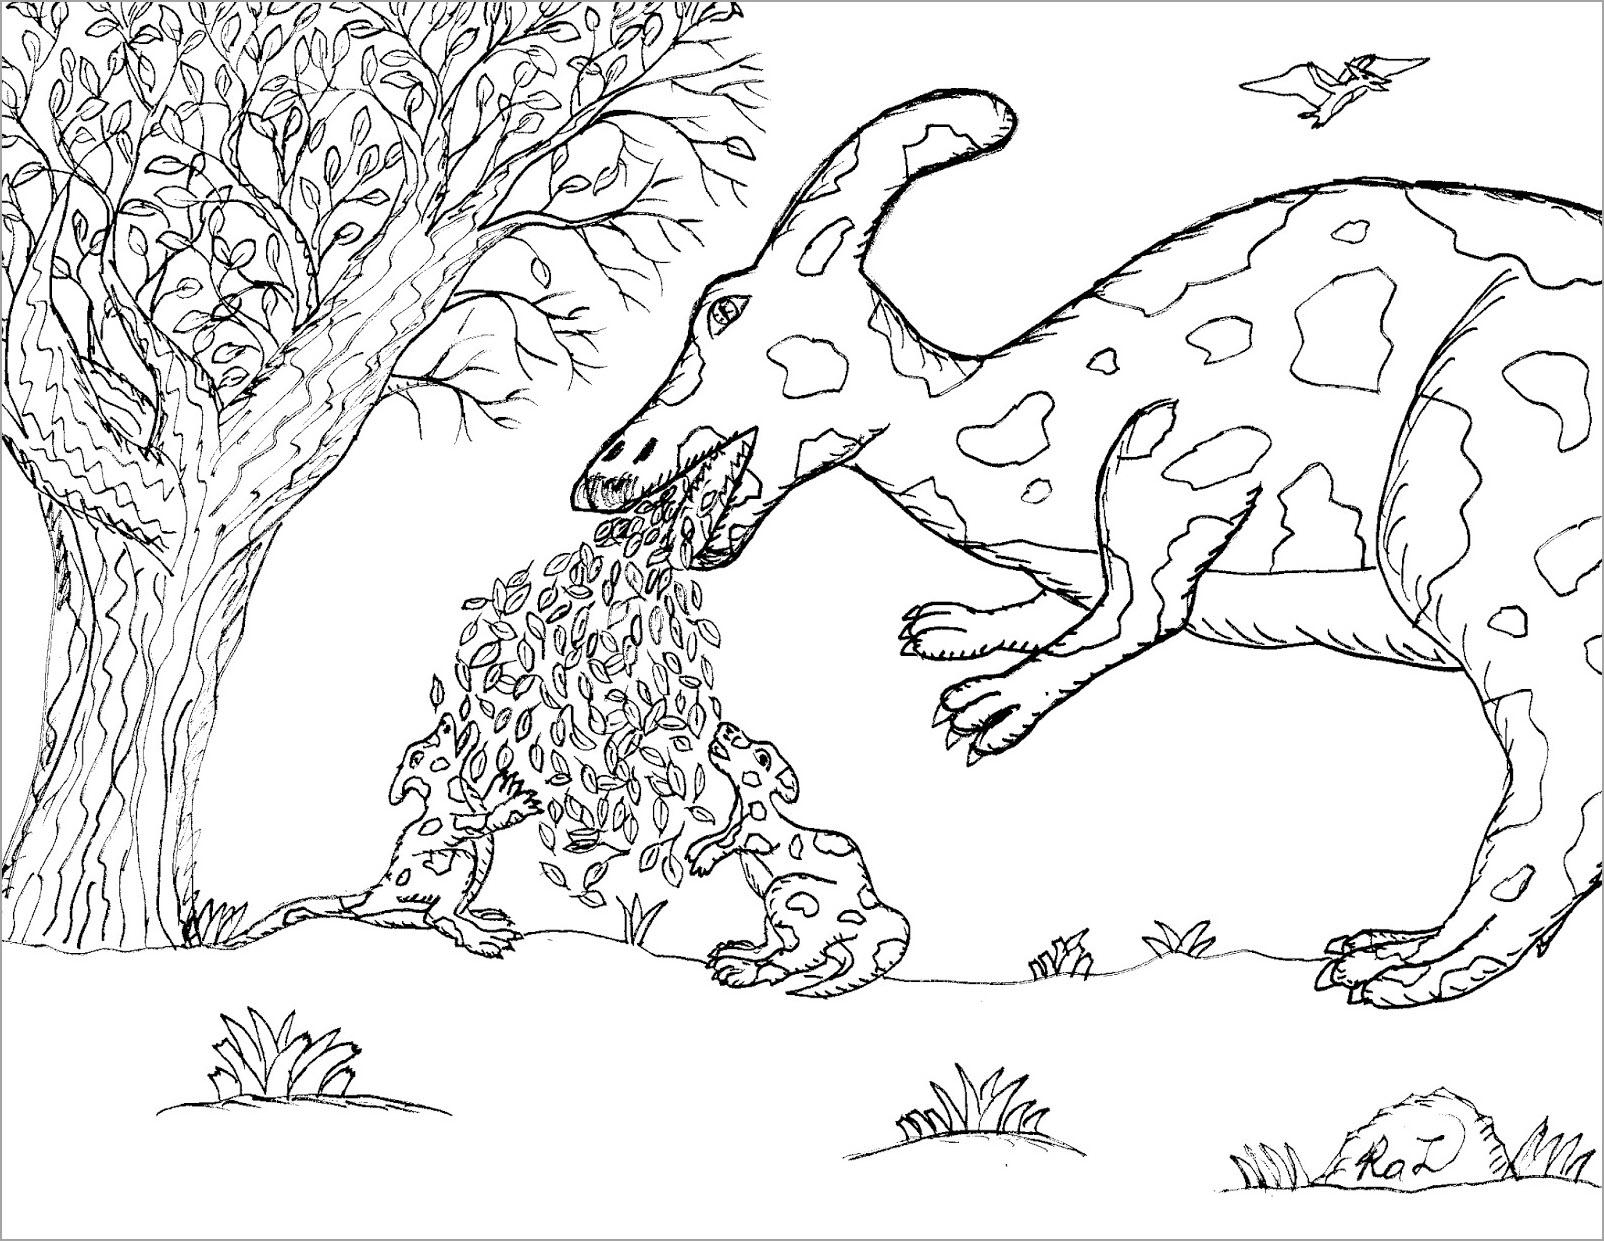 Tranh tô màu khủng long cho bé 4 tuổi